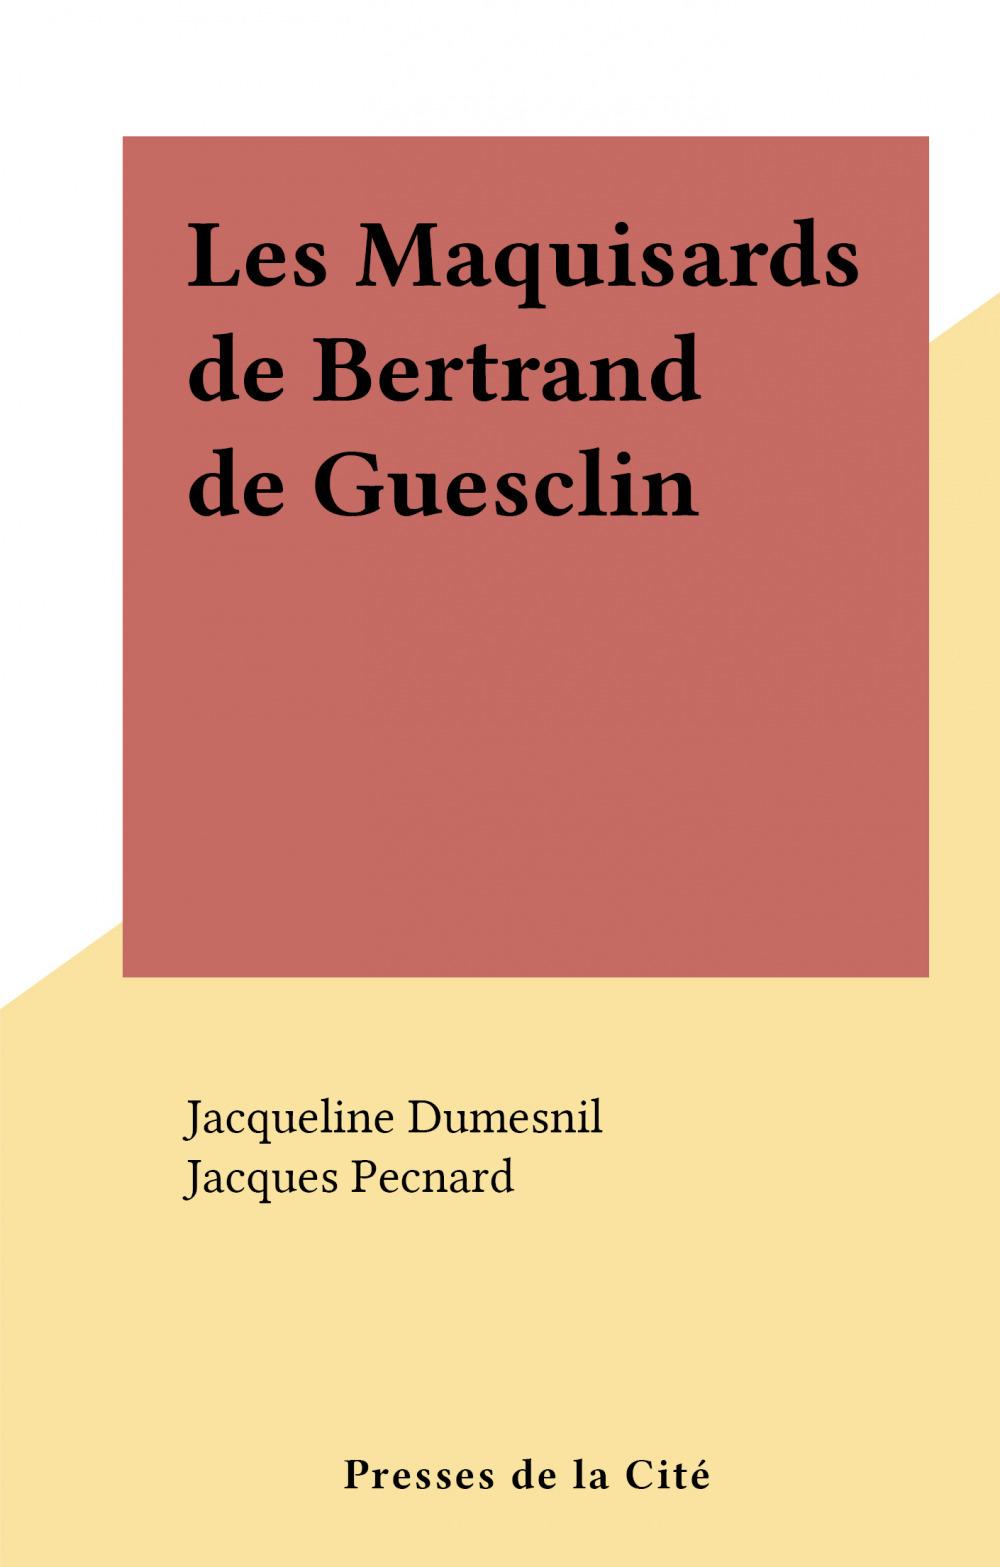 Les Maquisards de Bertrand de Guesclin